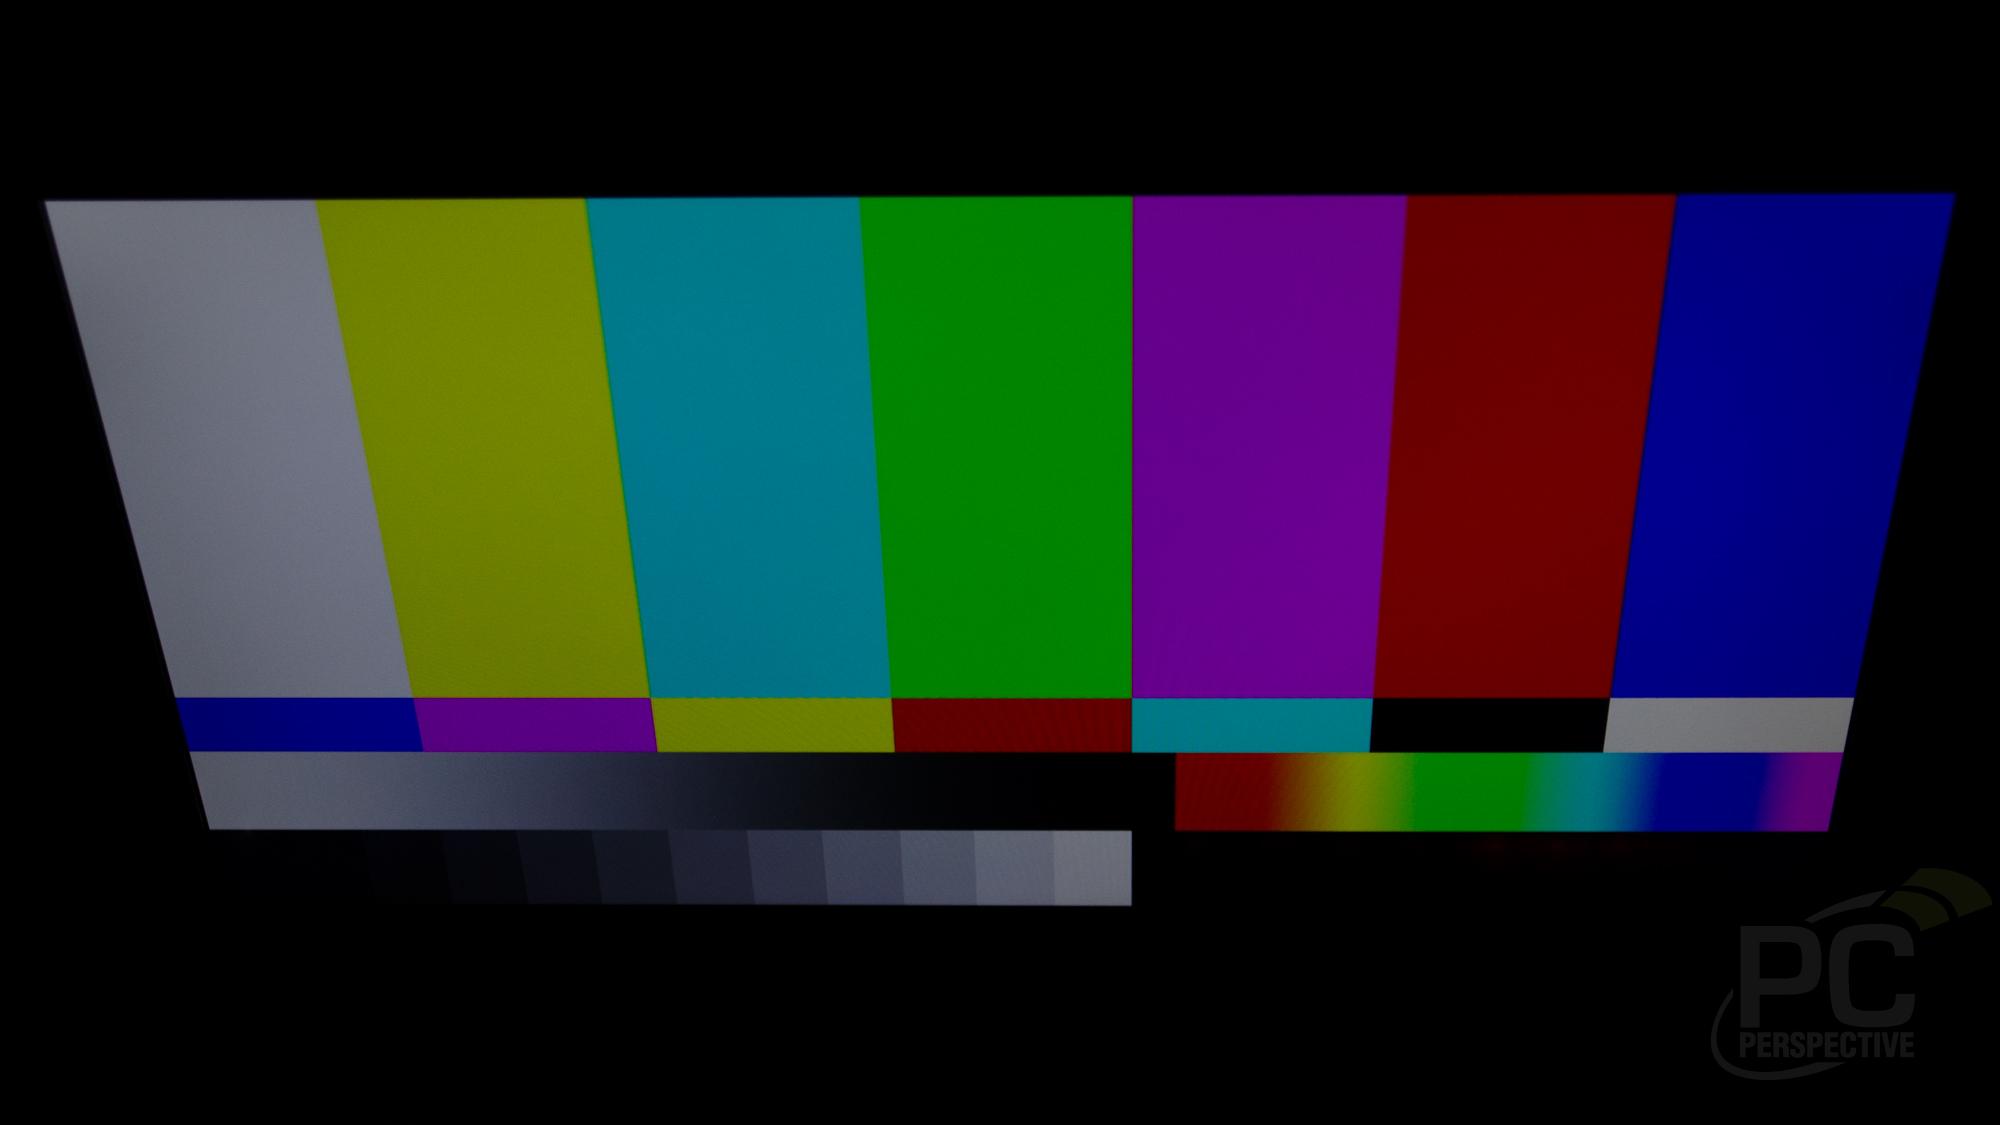 g72g-screen3.jpg